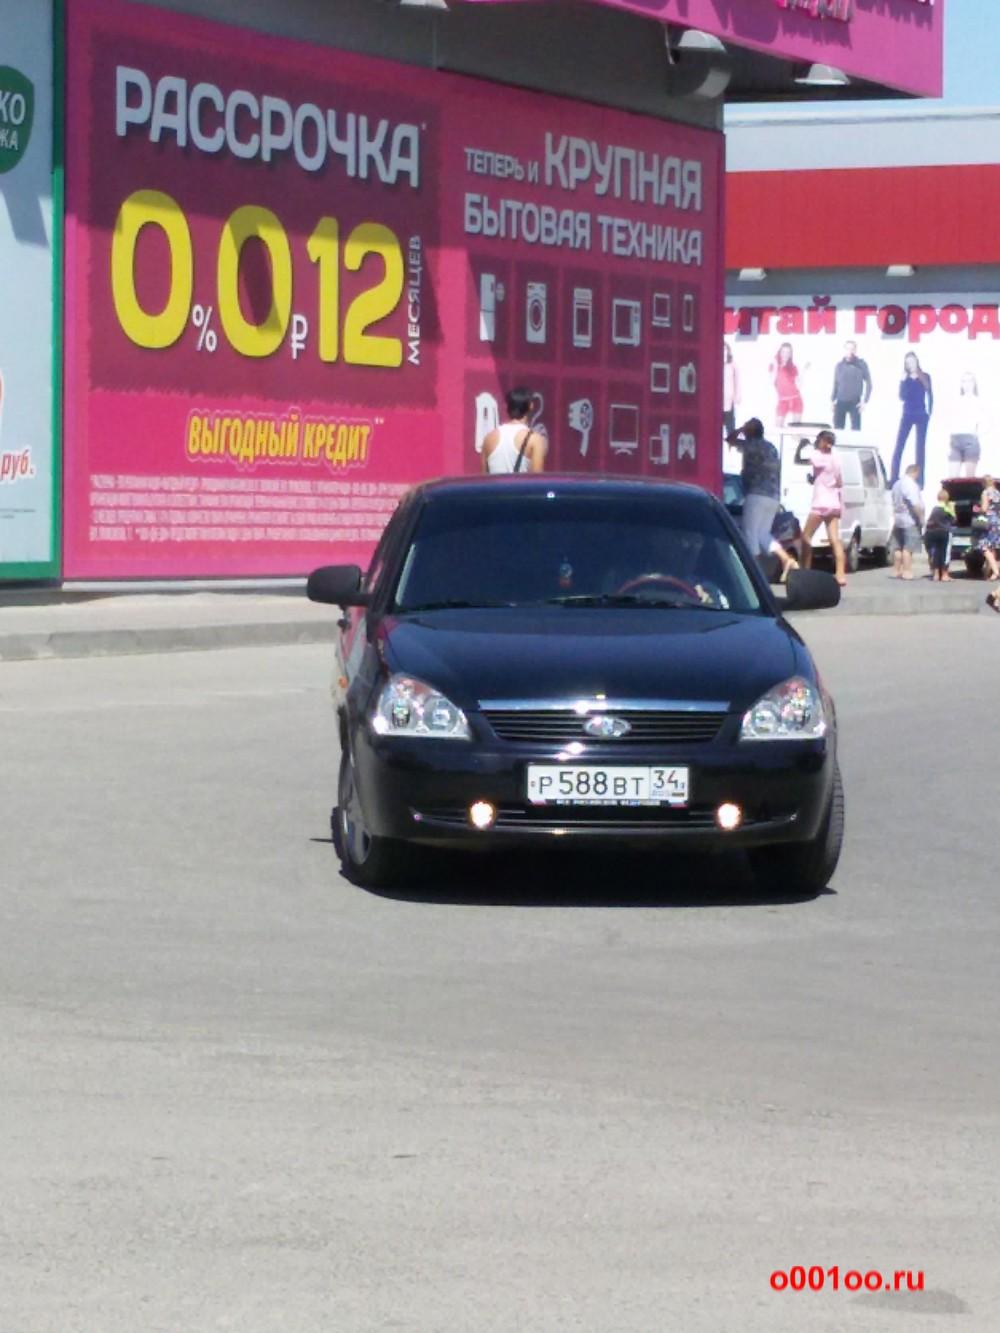 р588вт34